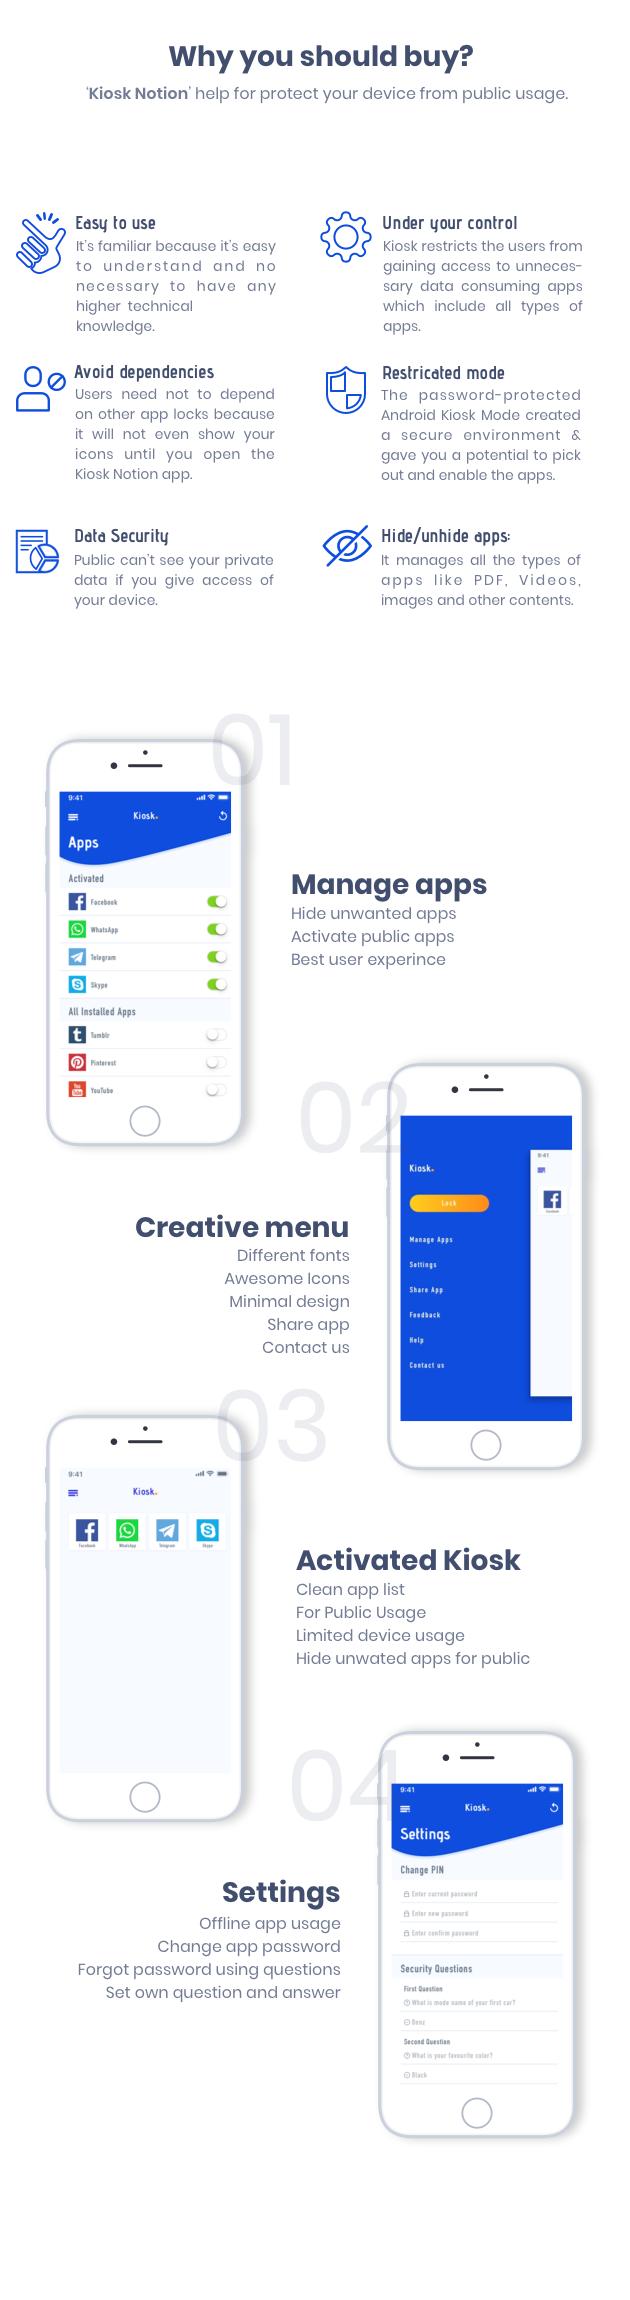 Kiosk Notion Android Native App App, Kiosk app, Kiosk